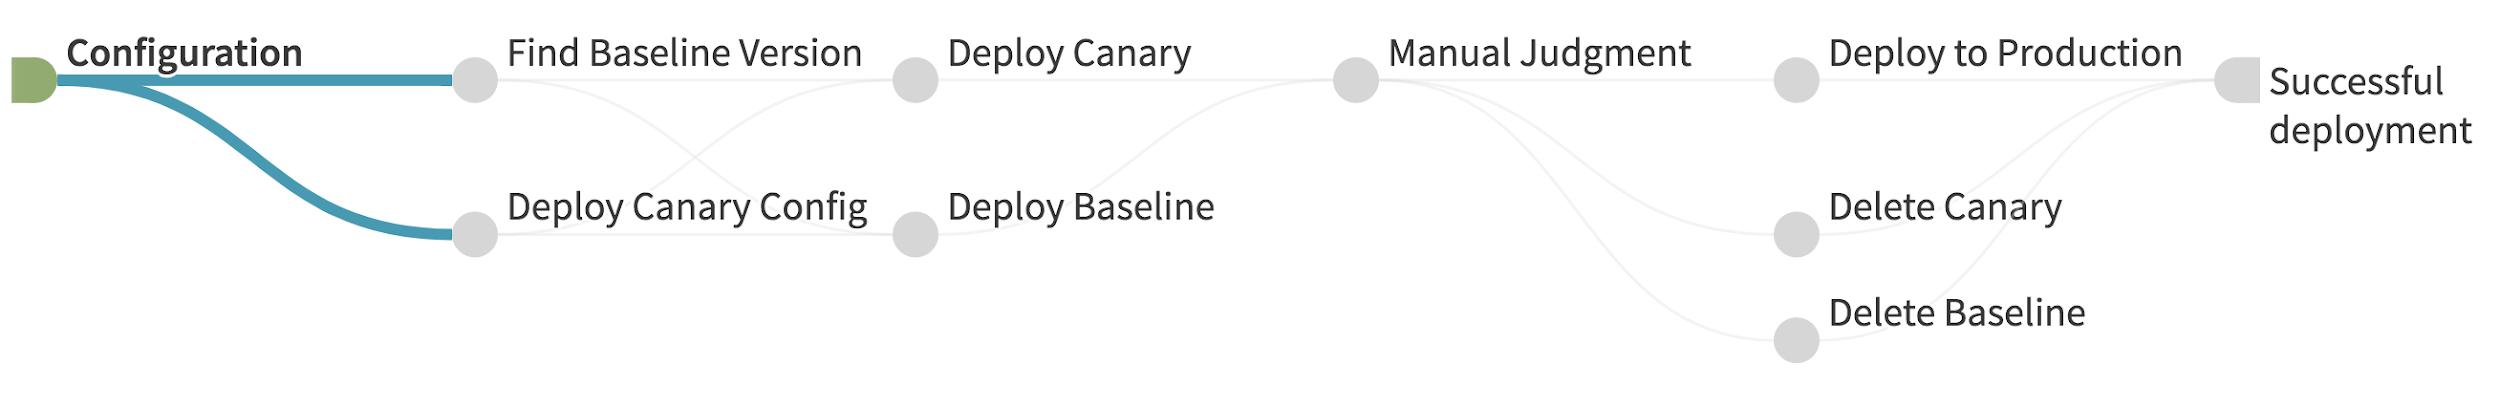 Darstellung der Phasen einer Canary-Deployment-Pipeline